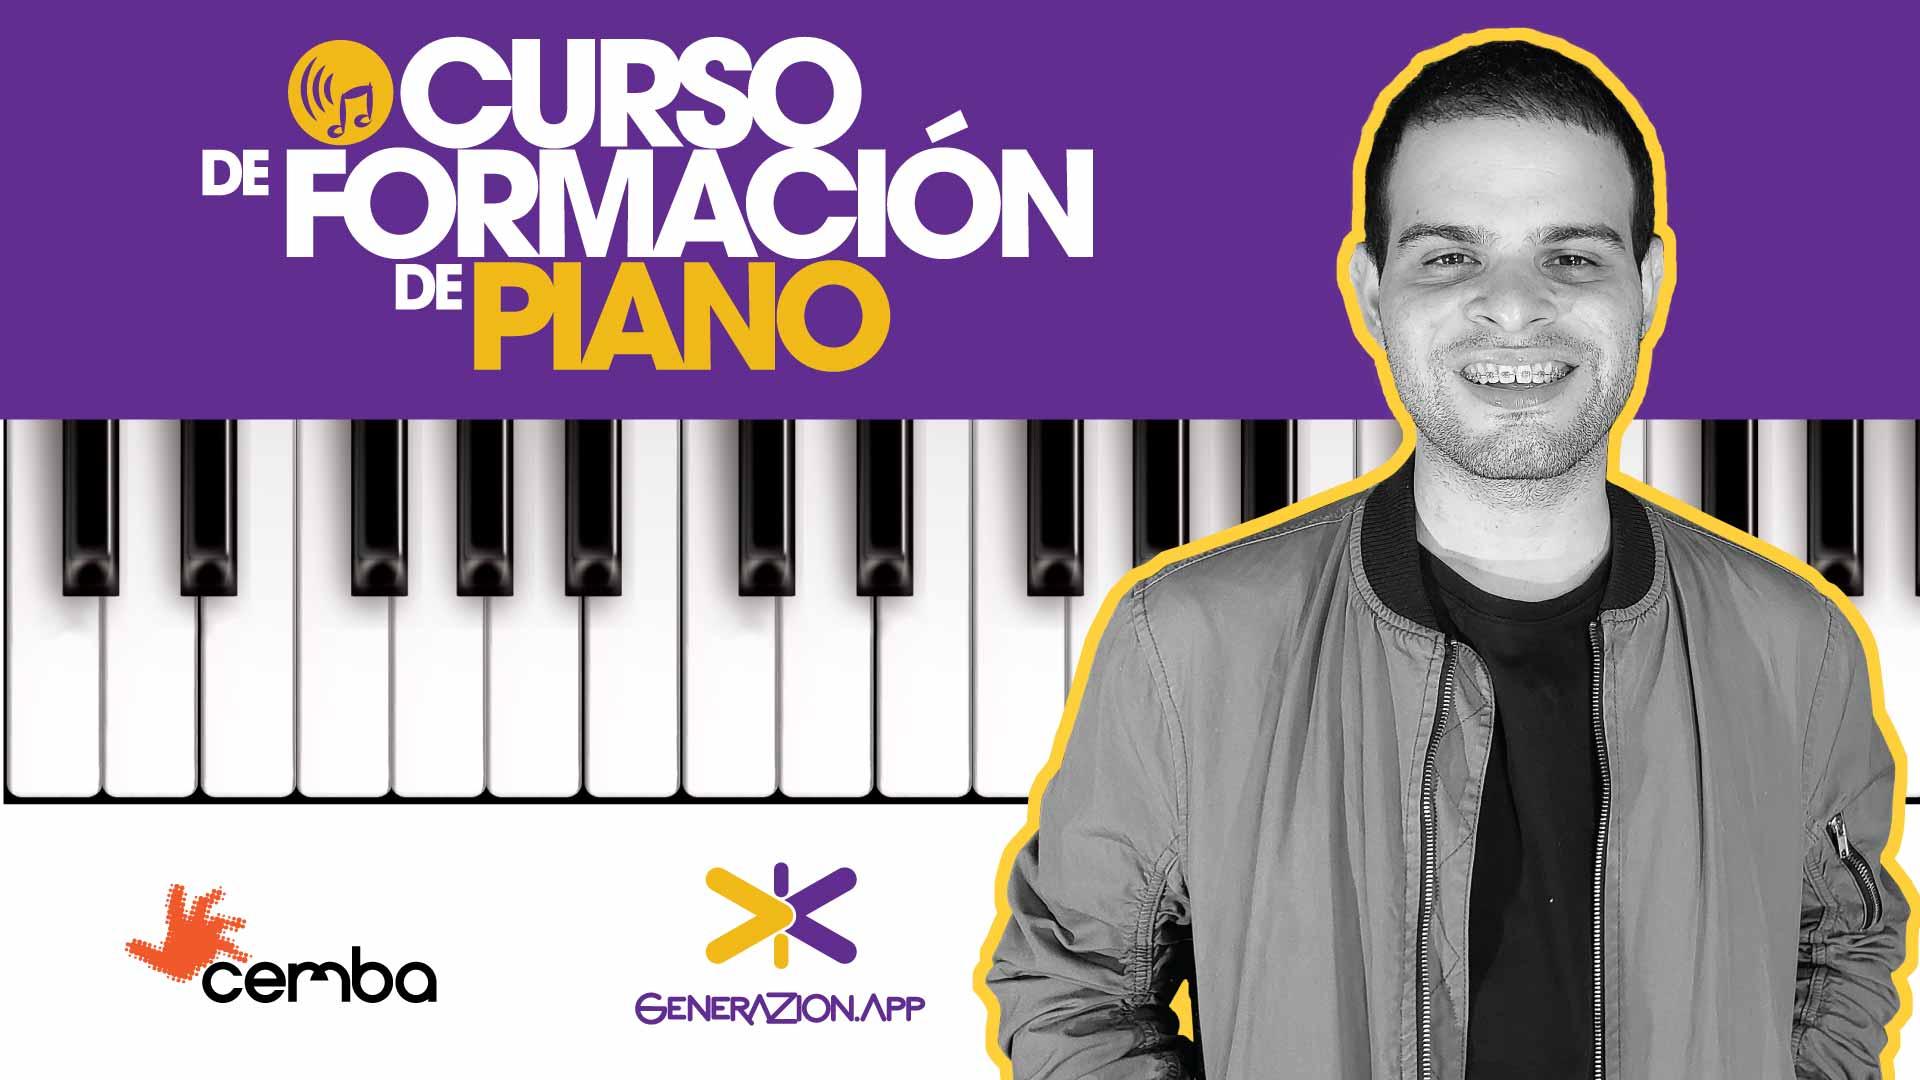 Curso-de-formacion-de-piano-1920px